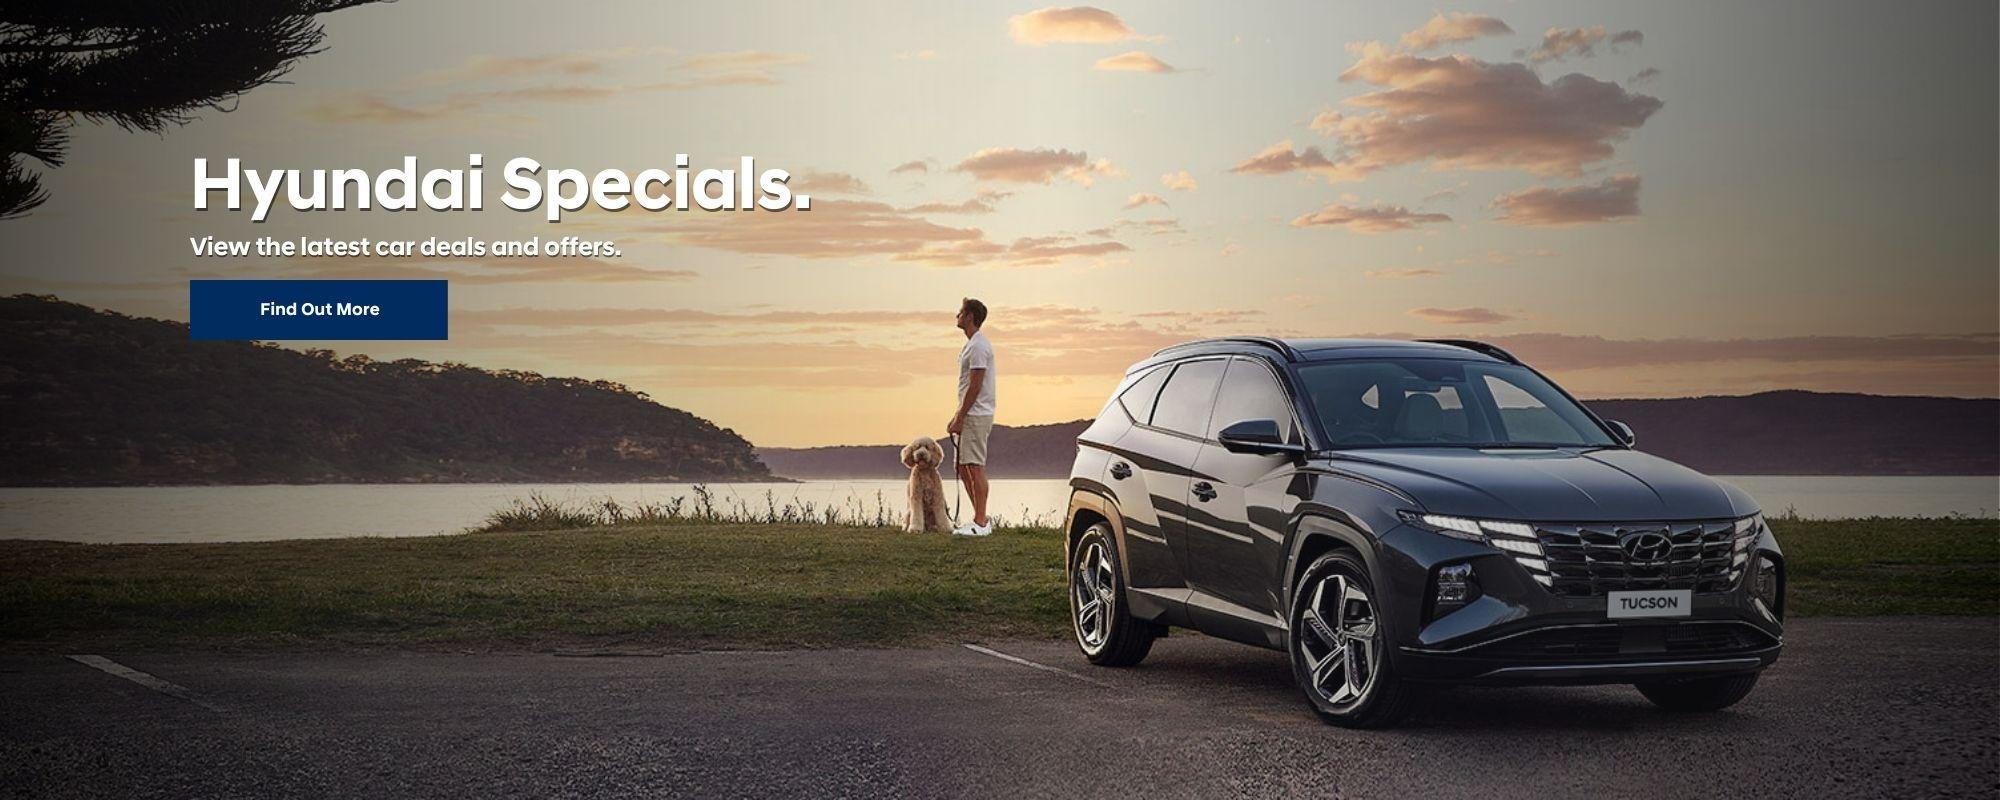 Hyundai Specials.